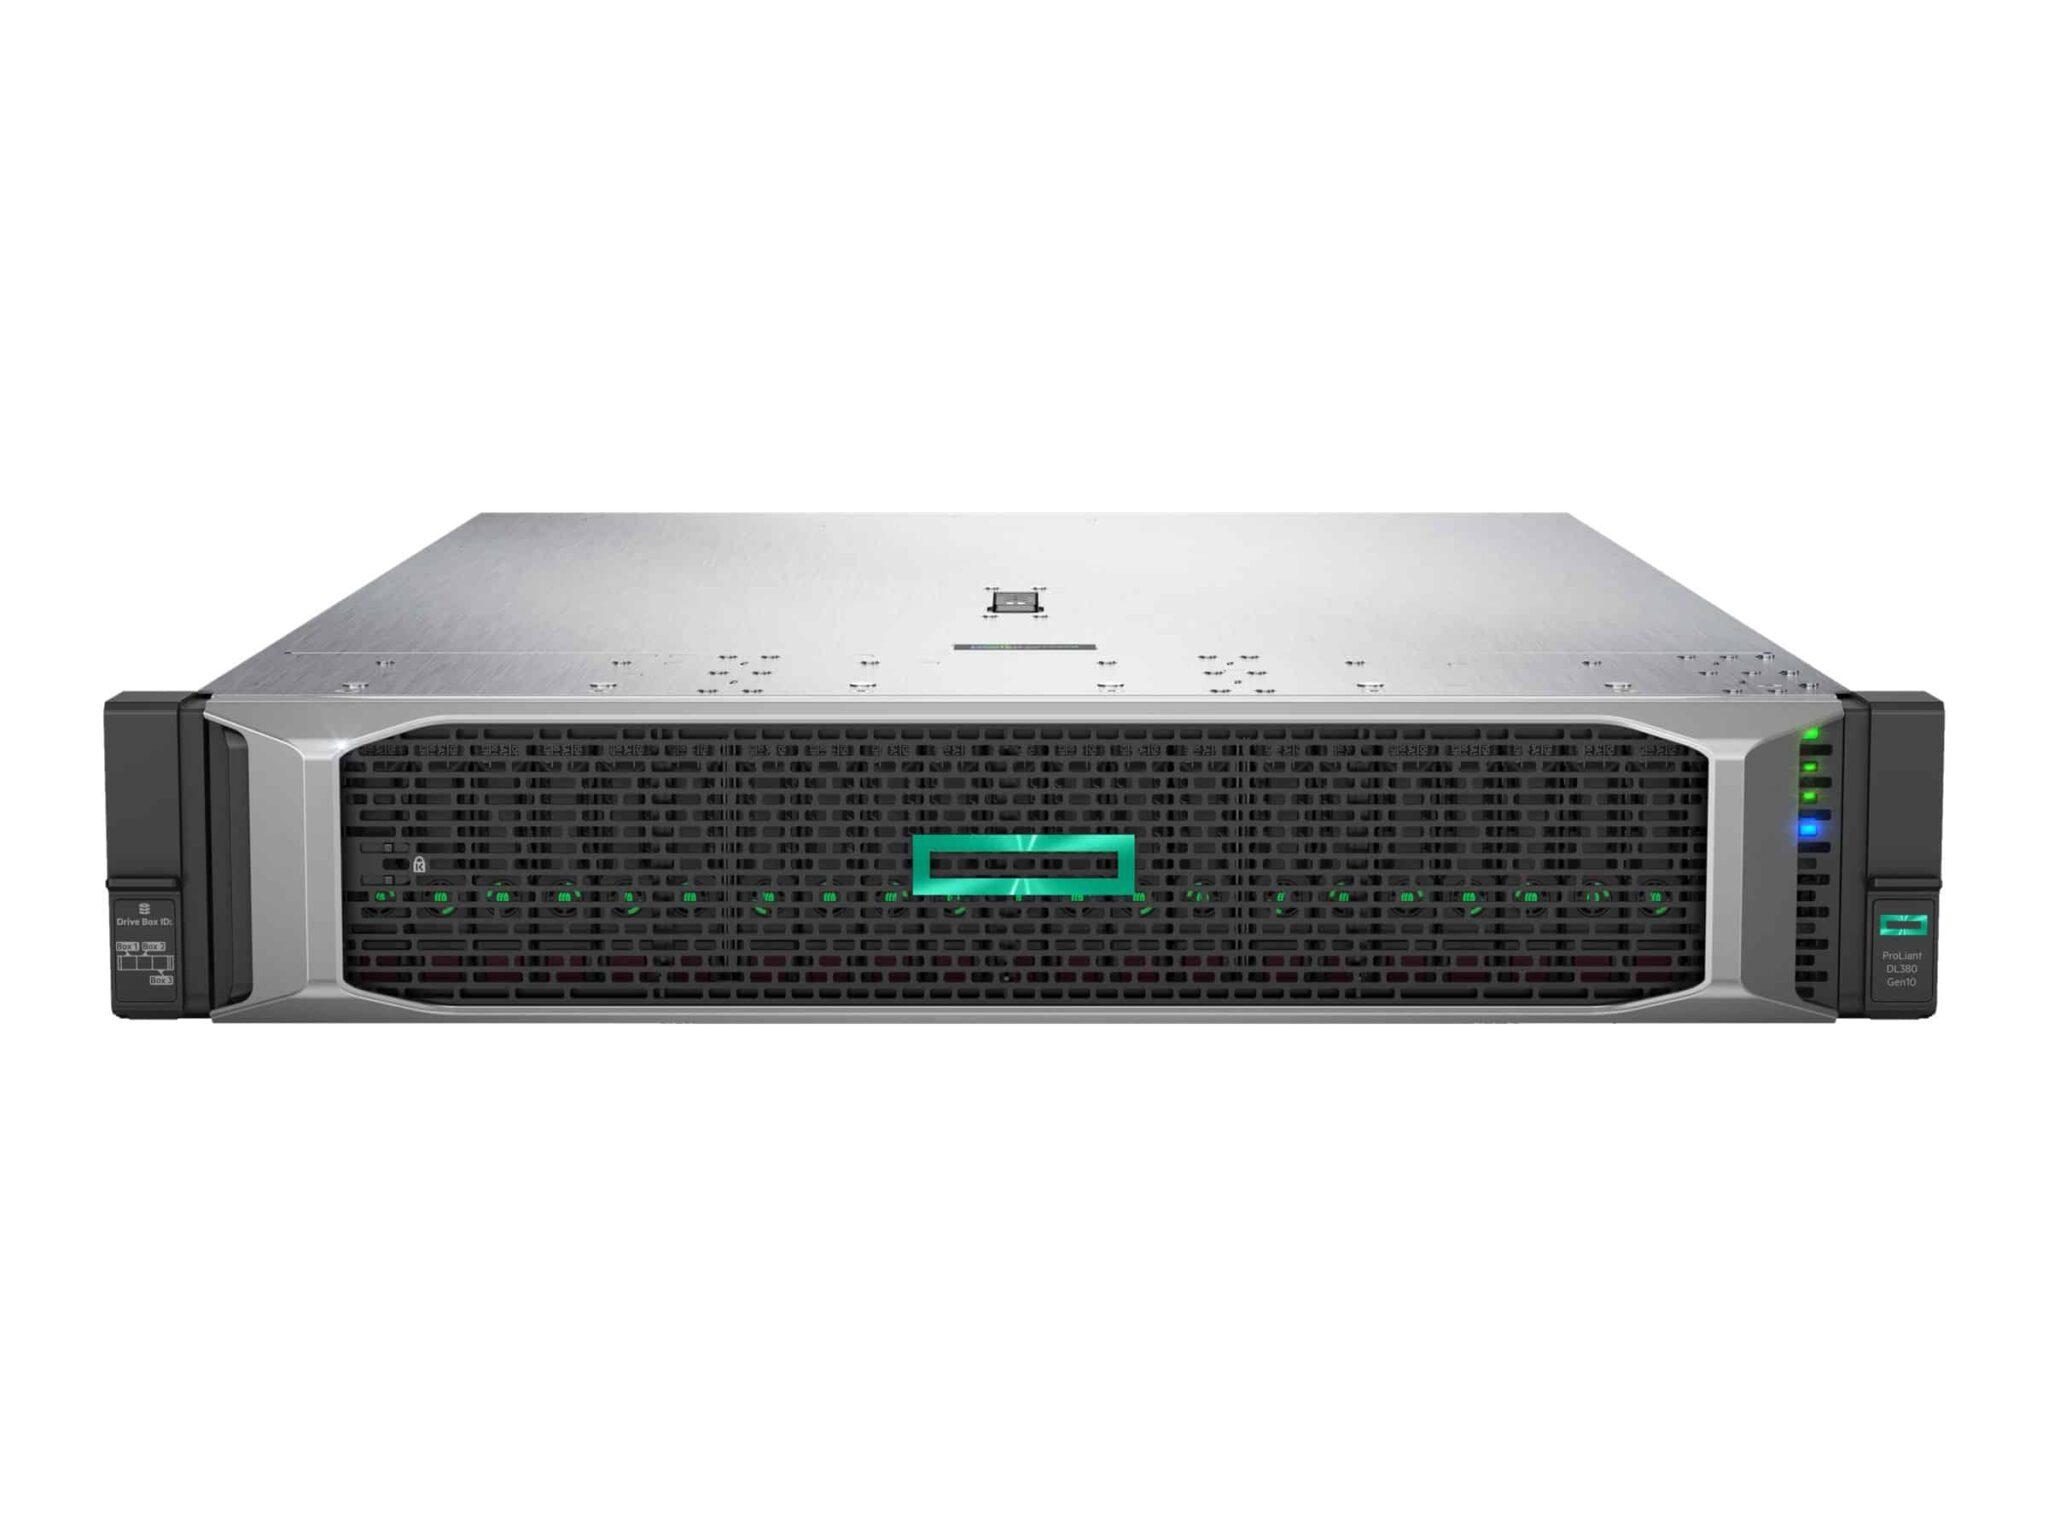 HPE DL380 Gen10 6132 2P 64G 8SFF Server Smart Buy